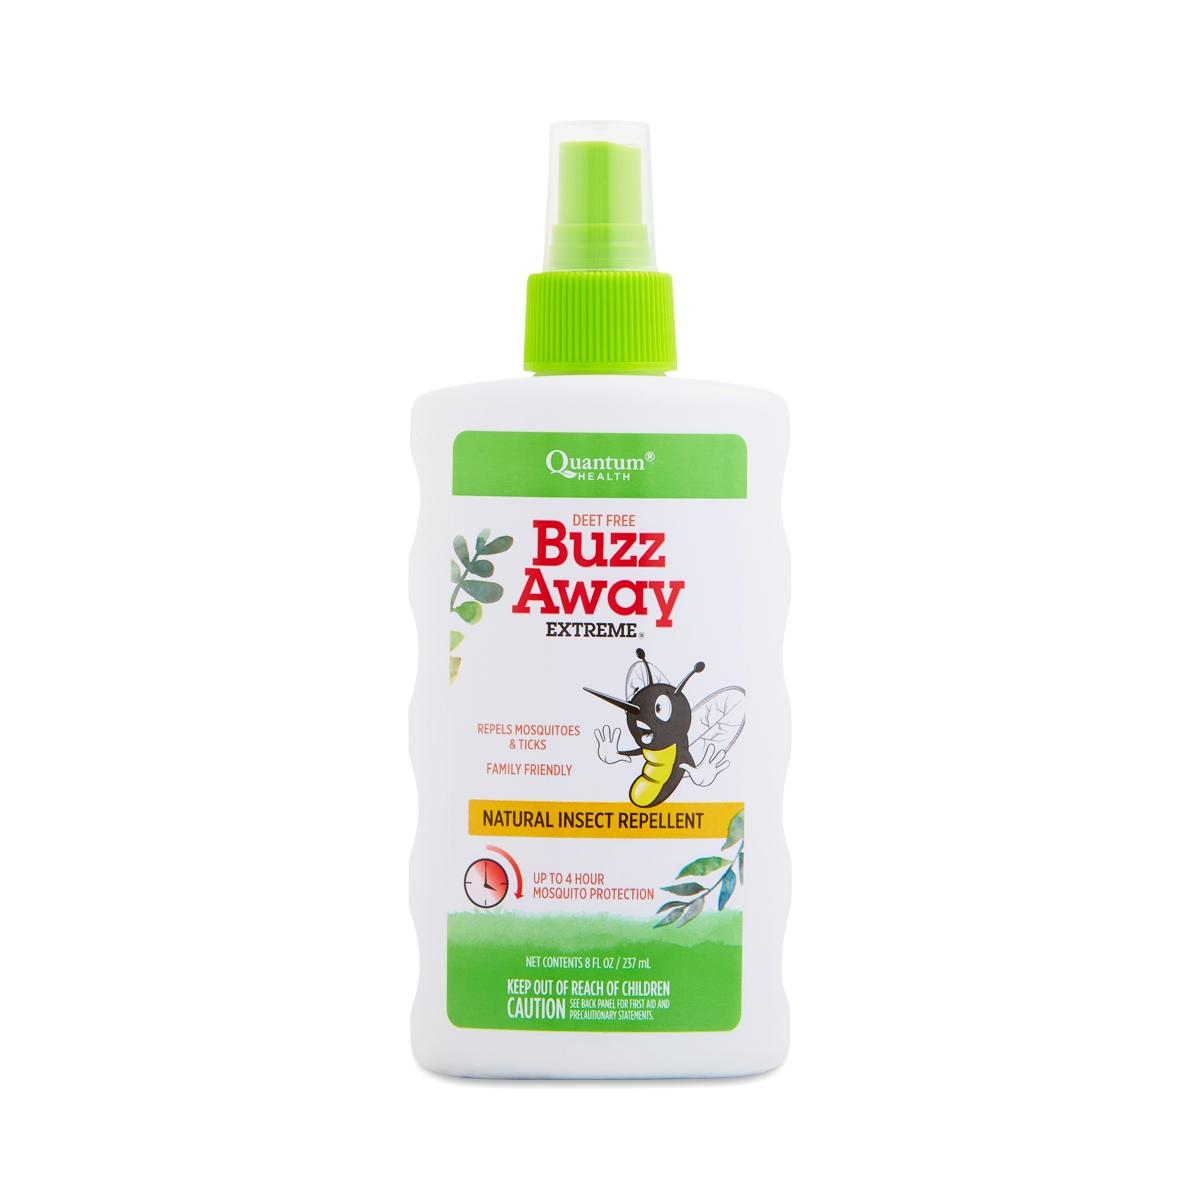 Buy Bug Repellent Online - Thrive Market